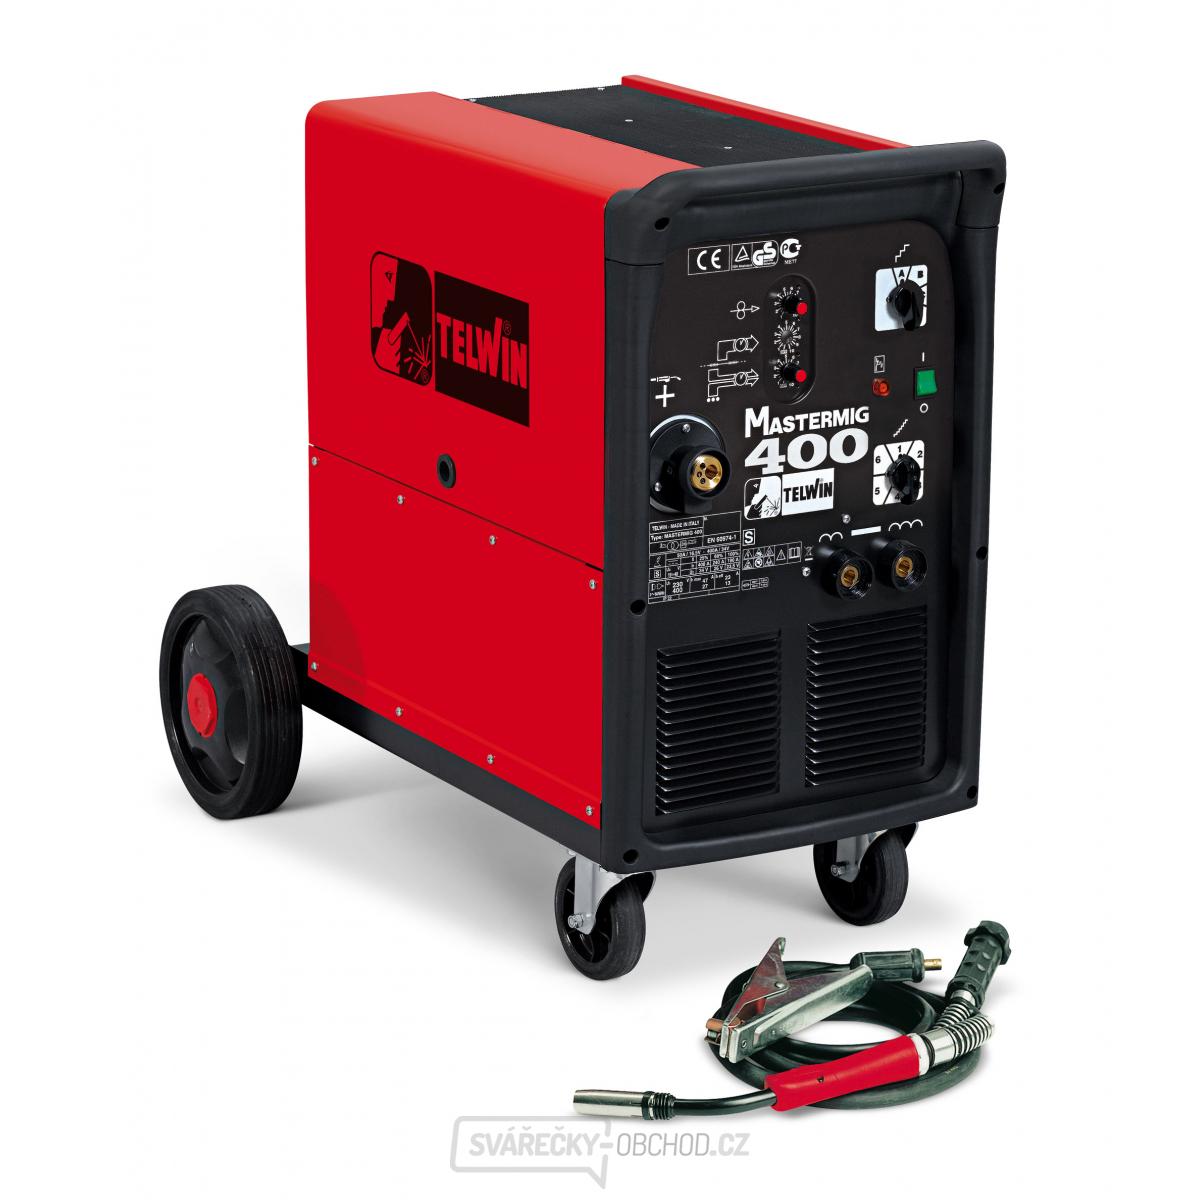 Svářečka CO2 - Mastermig 400 MIG-MAG